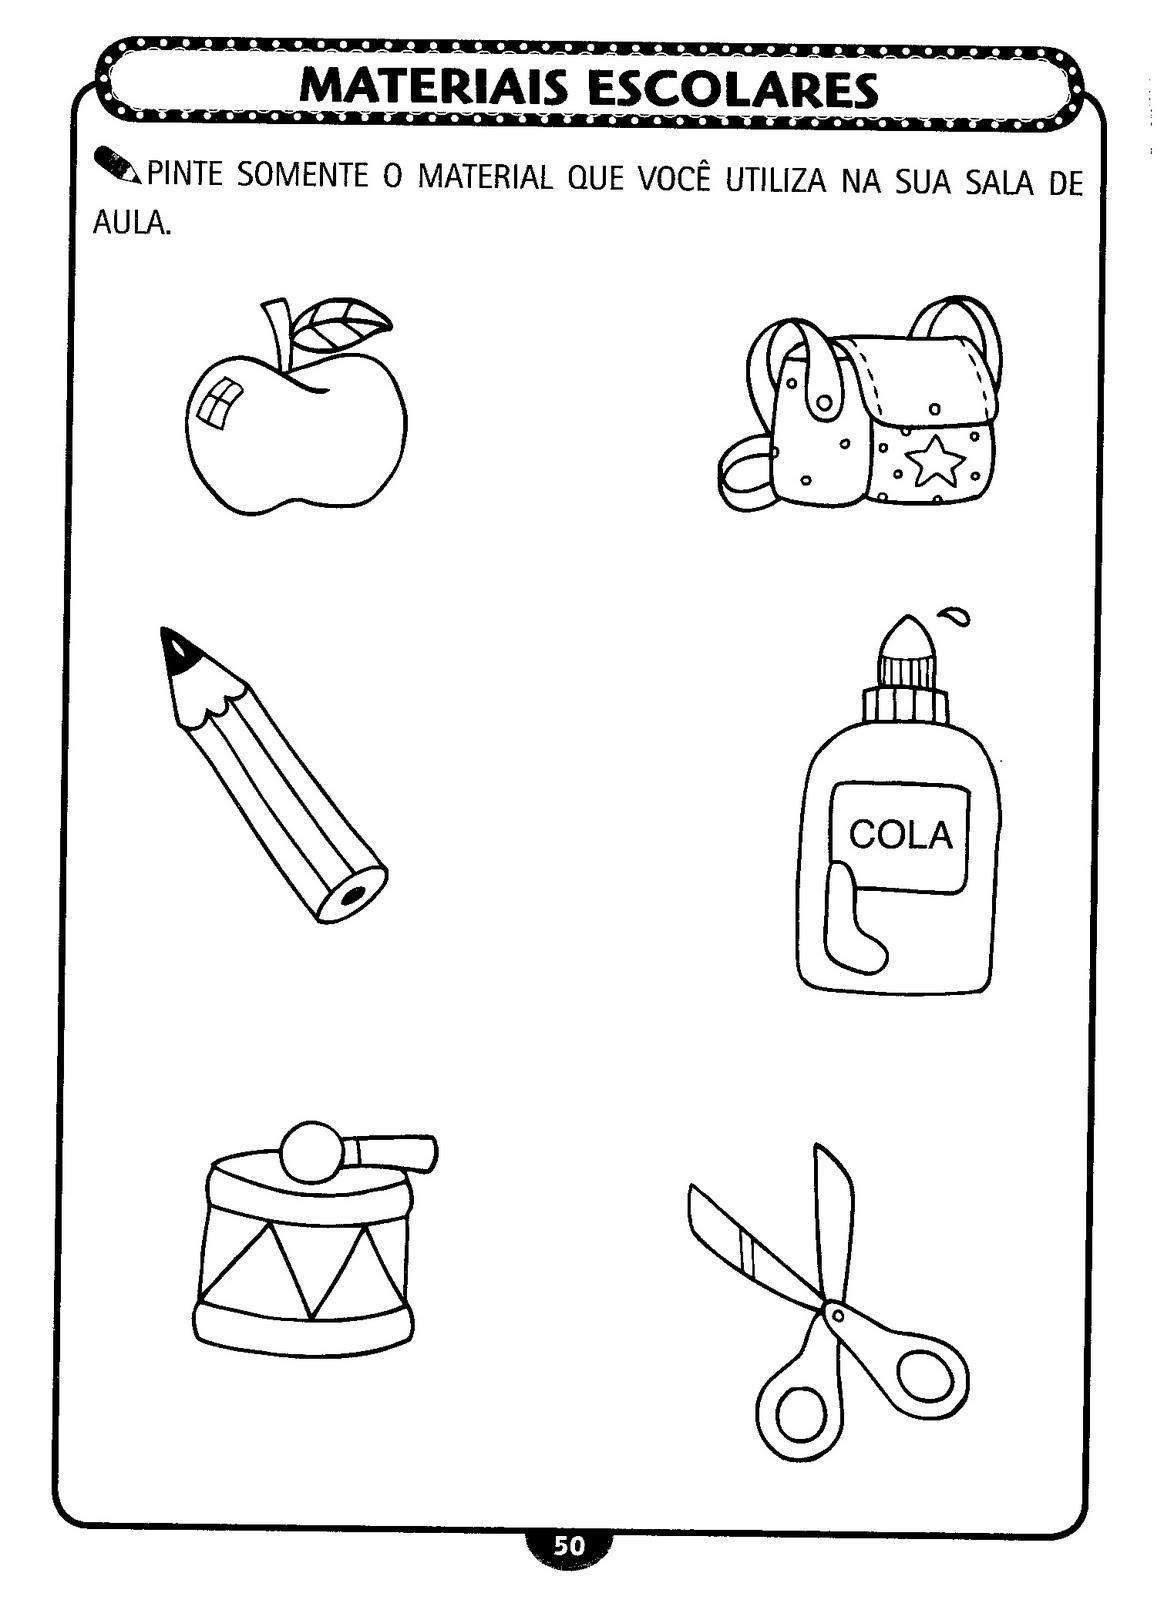 Atividades Para Imprimir E Aplicar No Primeiro Dia De Aula